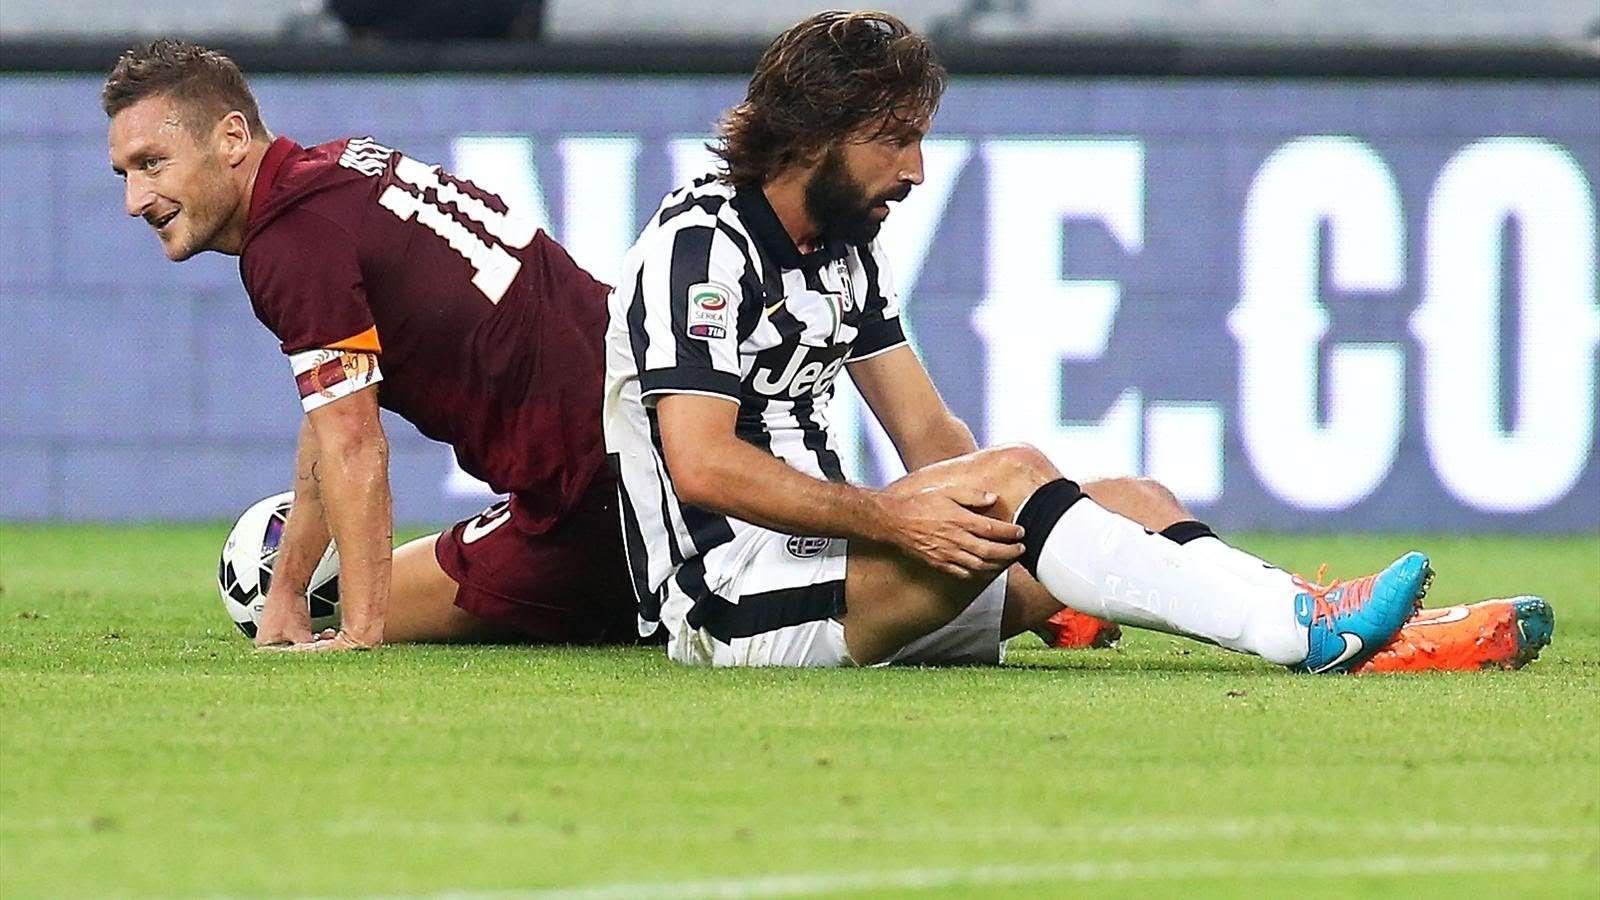 Trong một năm mà bóng đá Italia phải nói lời tạm biệt với hai huyền thoại lớn